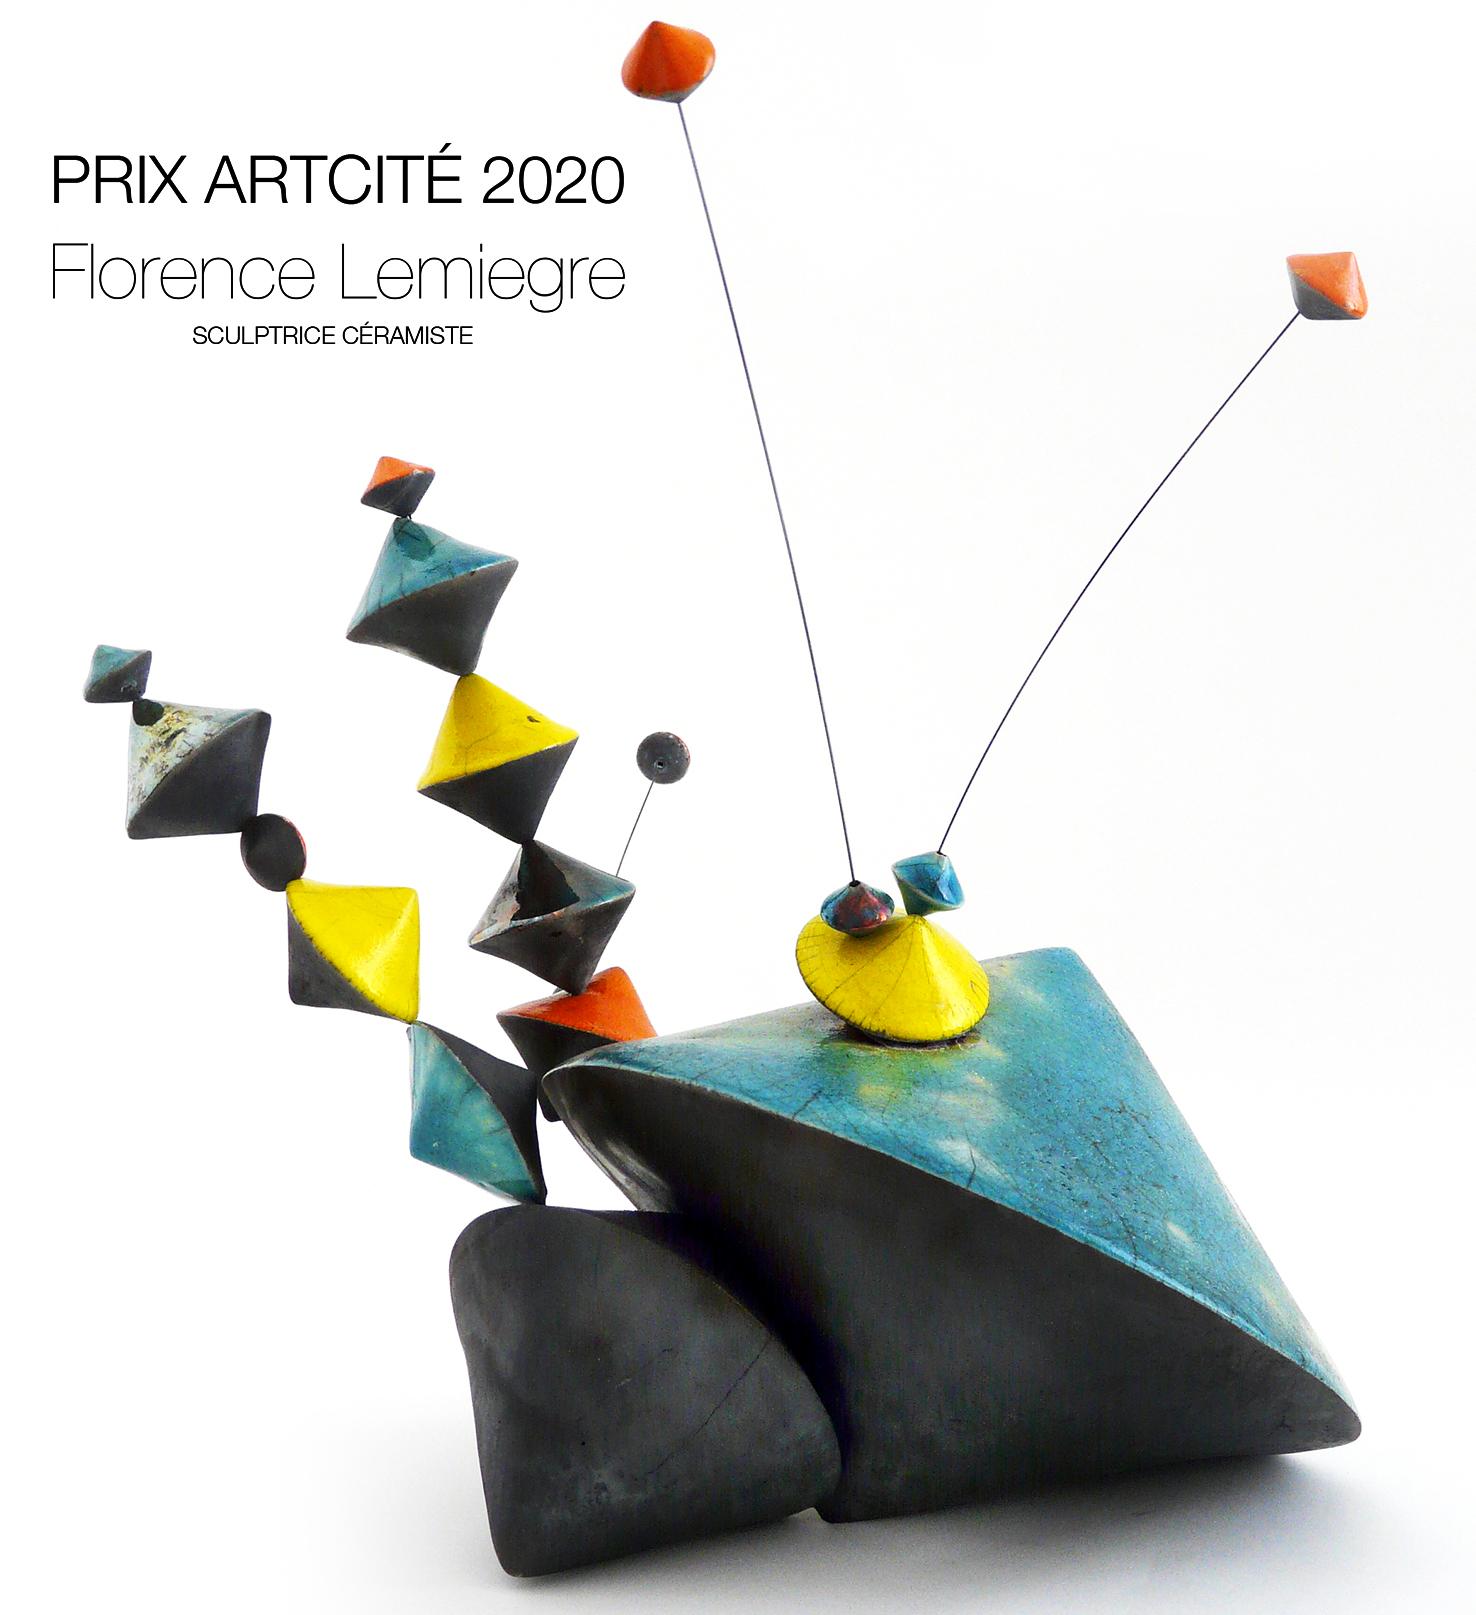 """Prix Arcité 2020-Exposition """"Instincts"""" Artcité 2020 à Fontenay-sous-Bois - """"Culbutos Serendipity - Enjoy"""" - Sculpture céramique de Florence Lemiegre"""